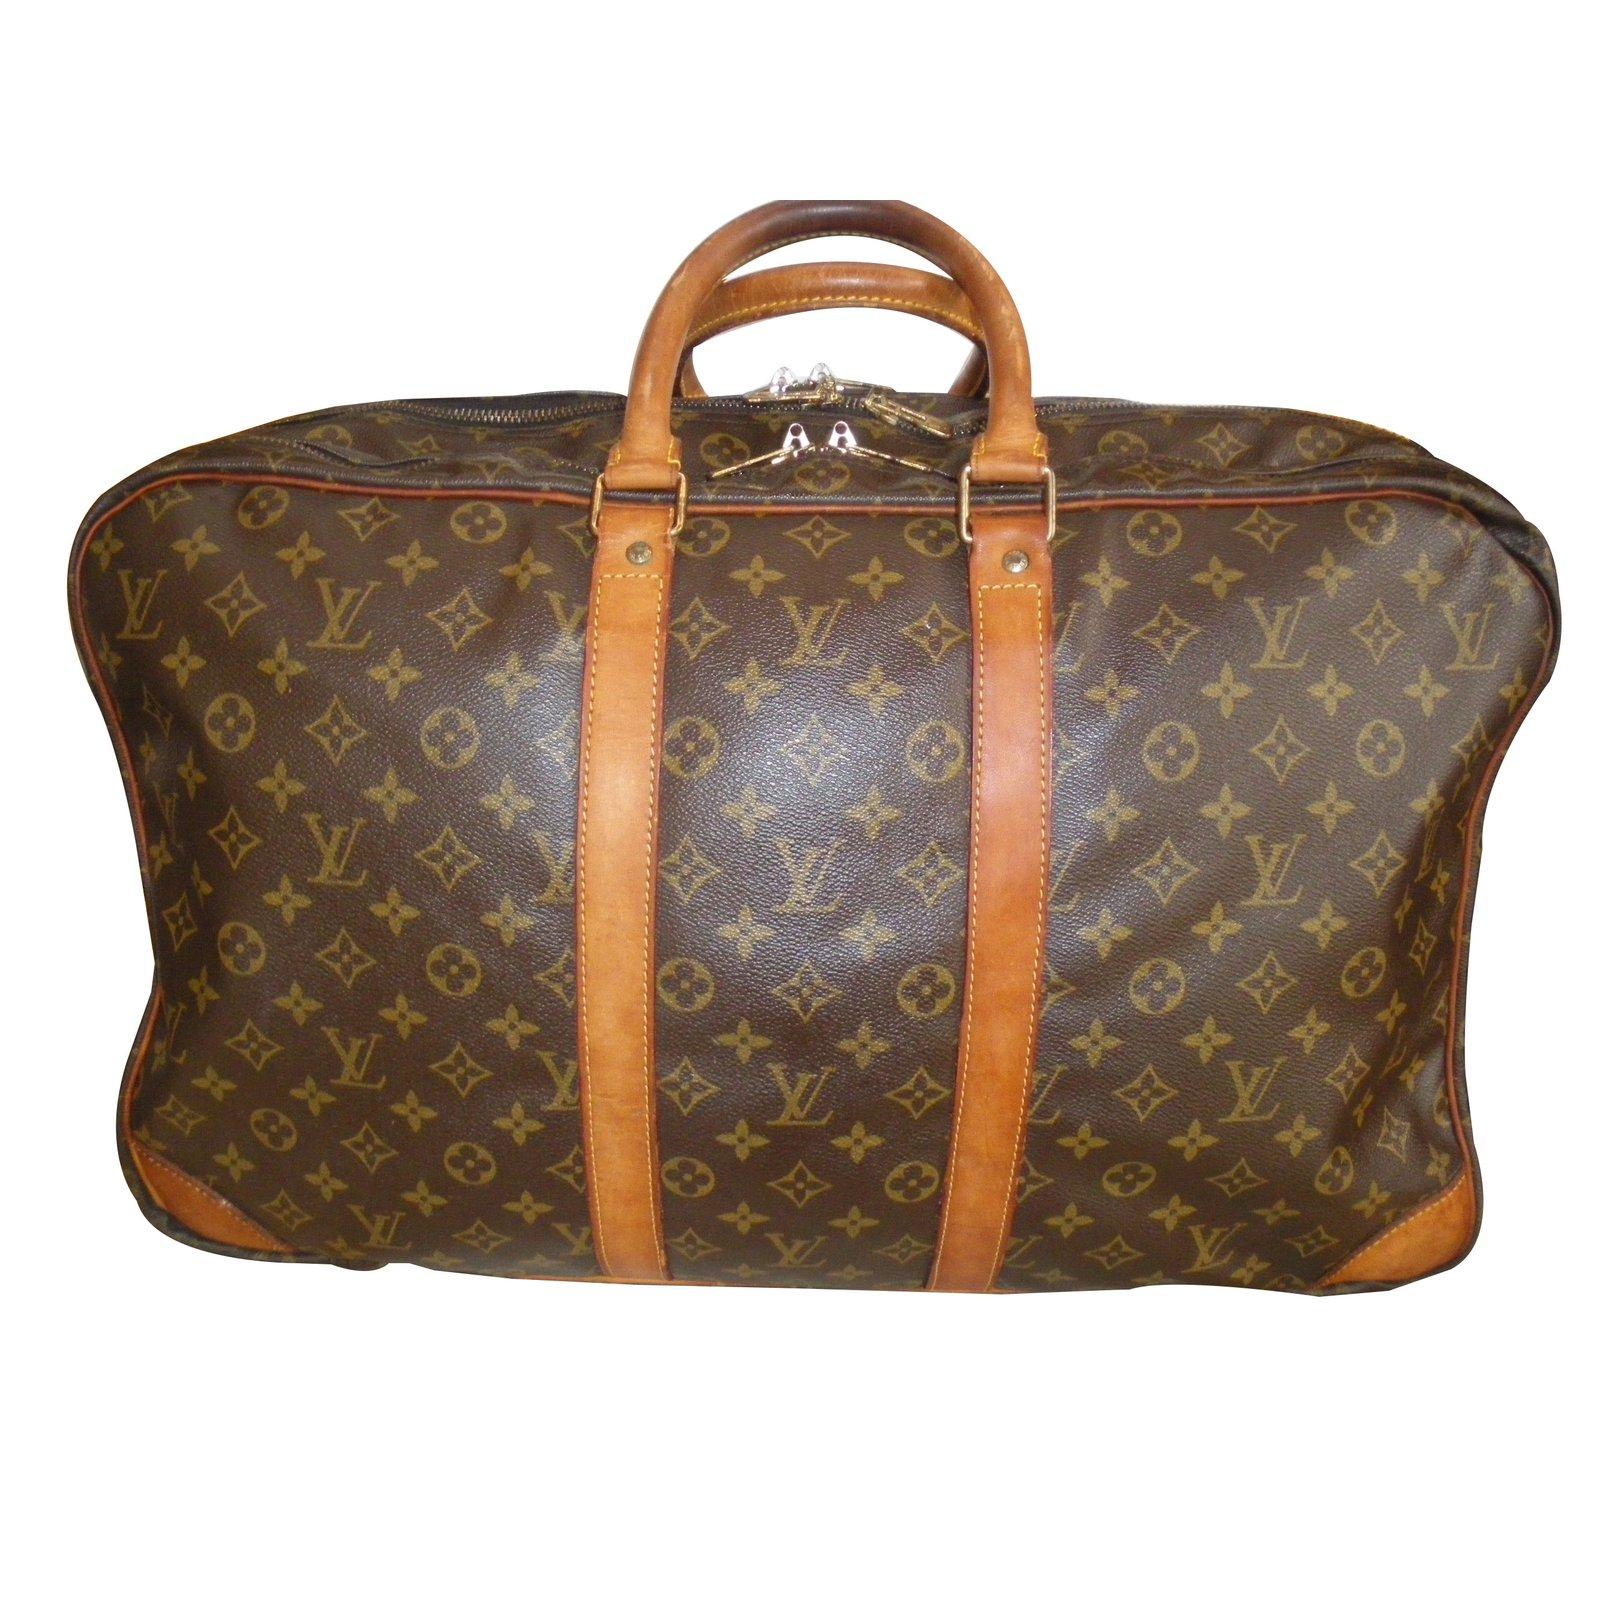 sacs de voyage louis vuitton sacs de voyage toile marron. Black Bedroom Furniture Sets. Home Design Ideas